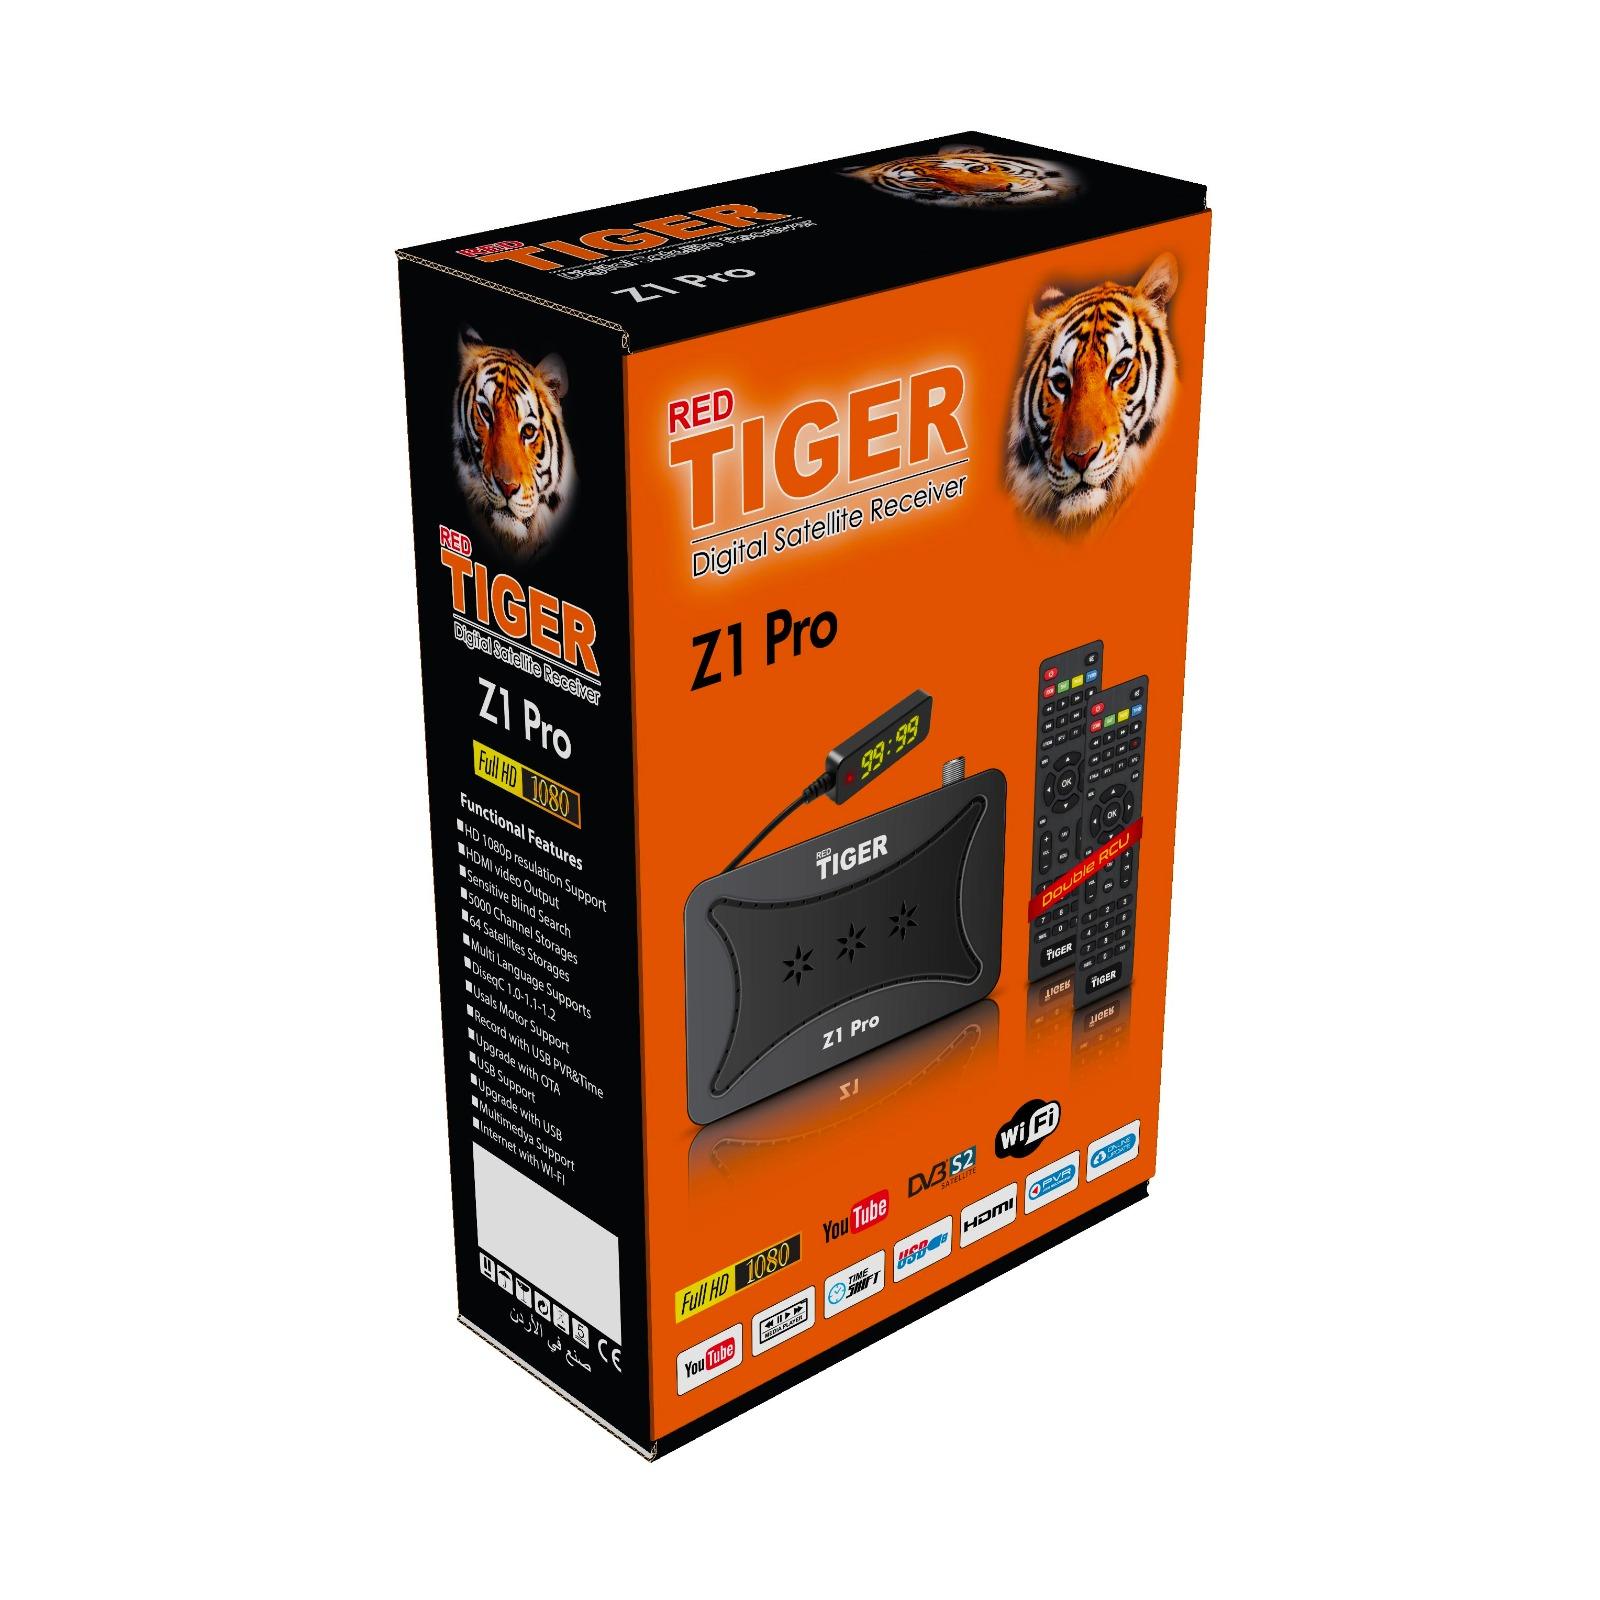 سوفتوير جهاز تايقر TIGER بتاريخ RED-TIGER-Z1-Pro.jpe